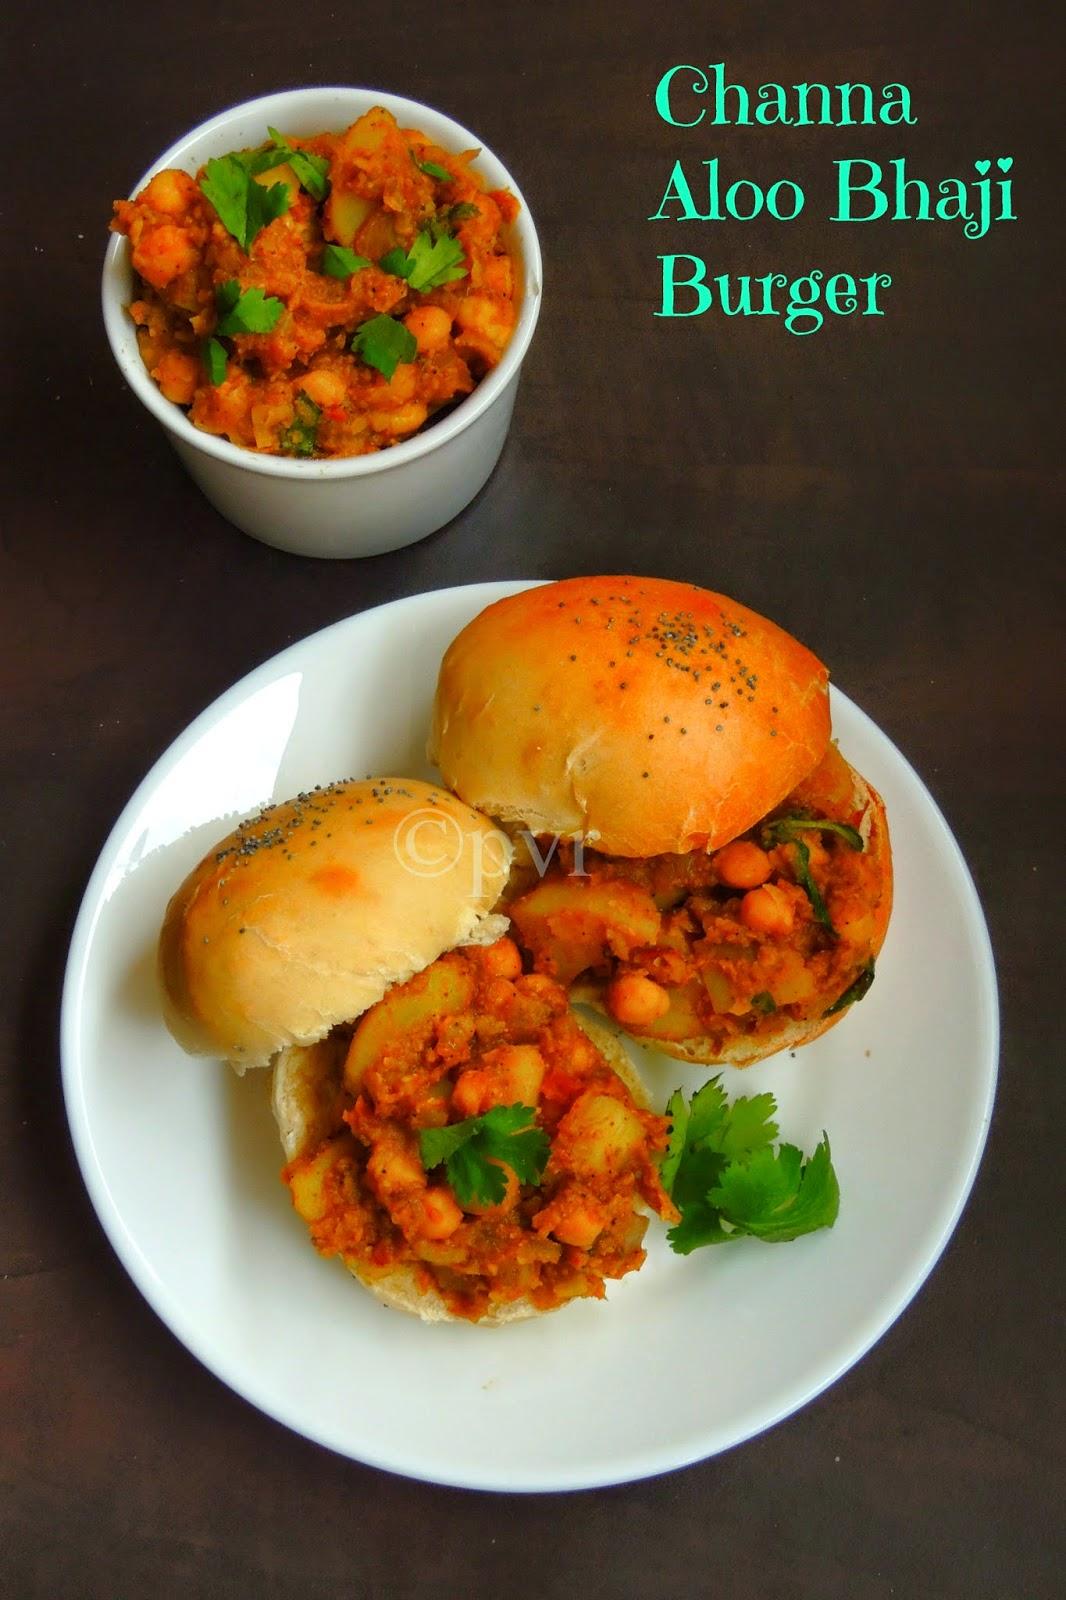 Channa Aloo Bhaji Burger, Channa Aloo Burger Sandwich